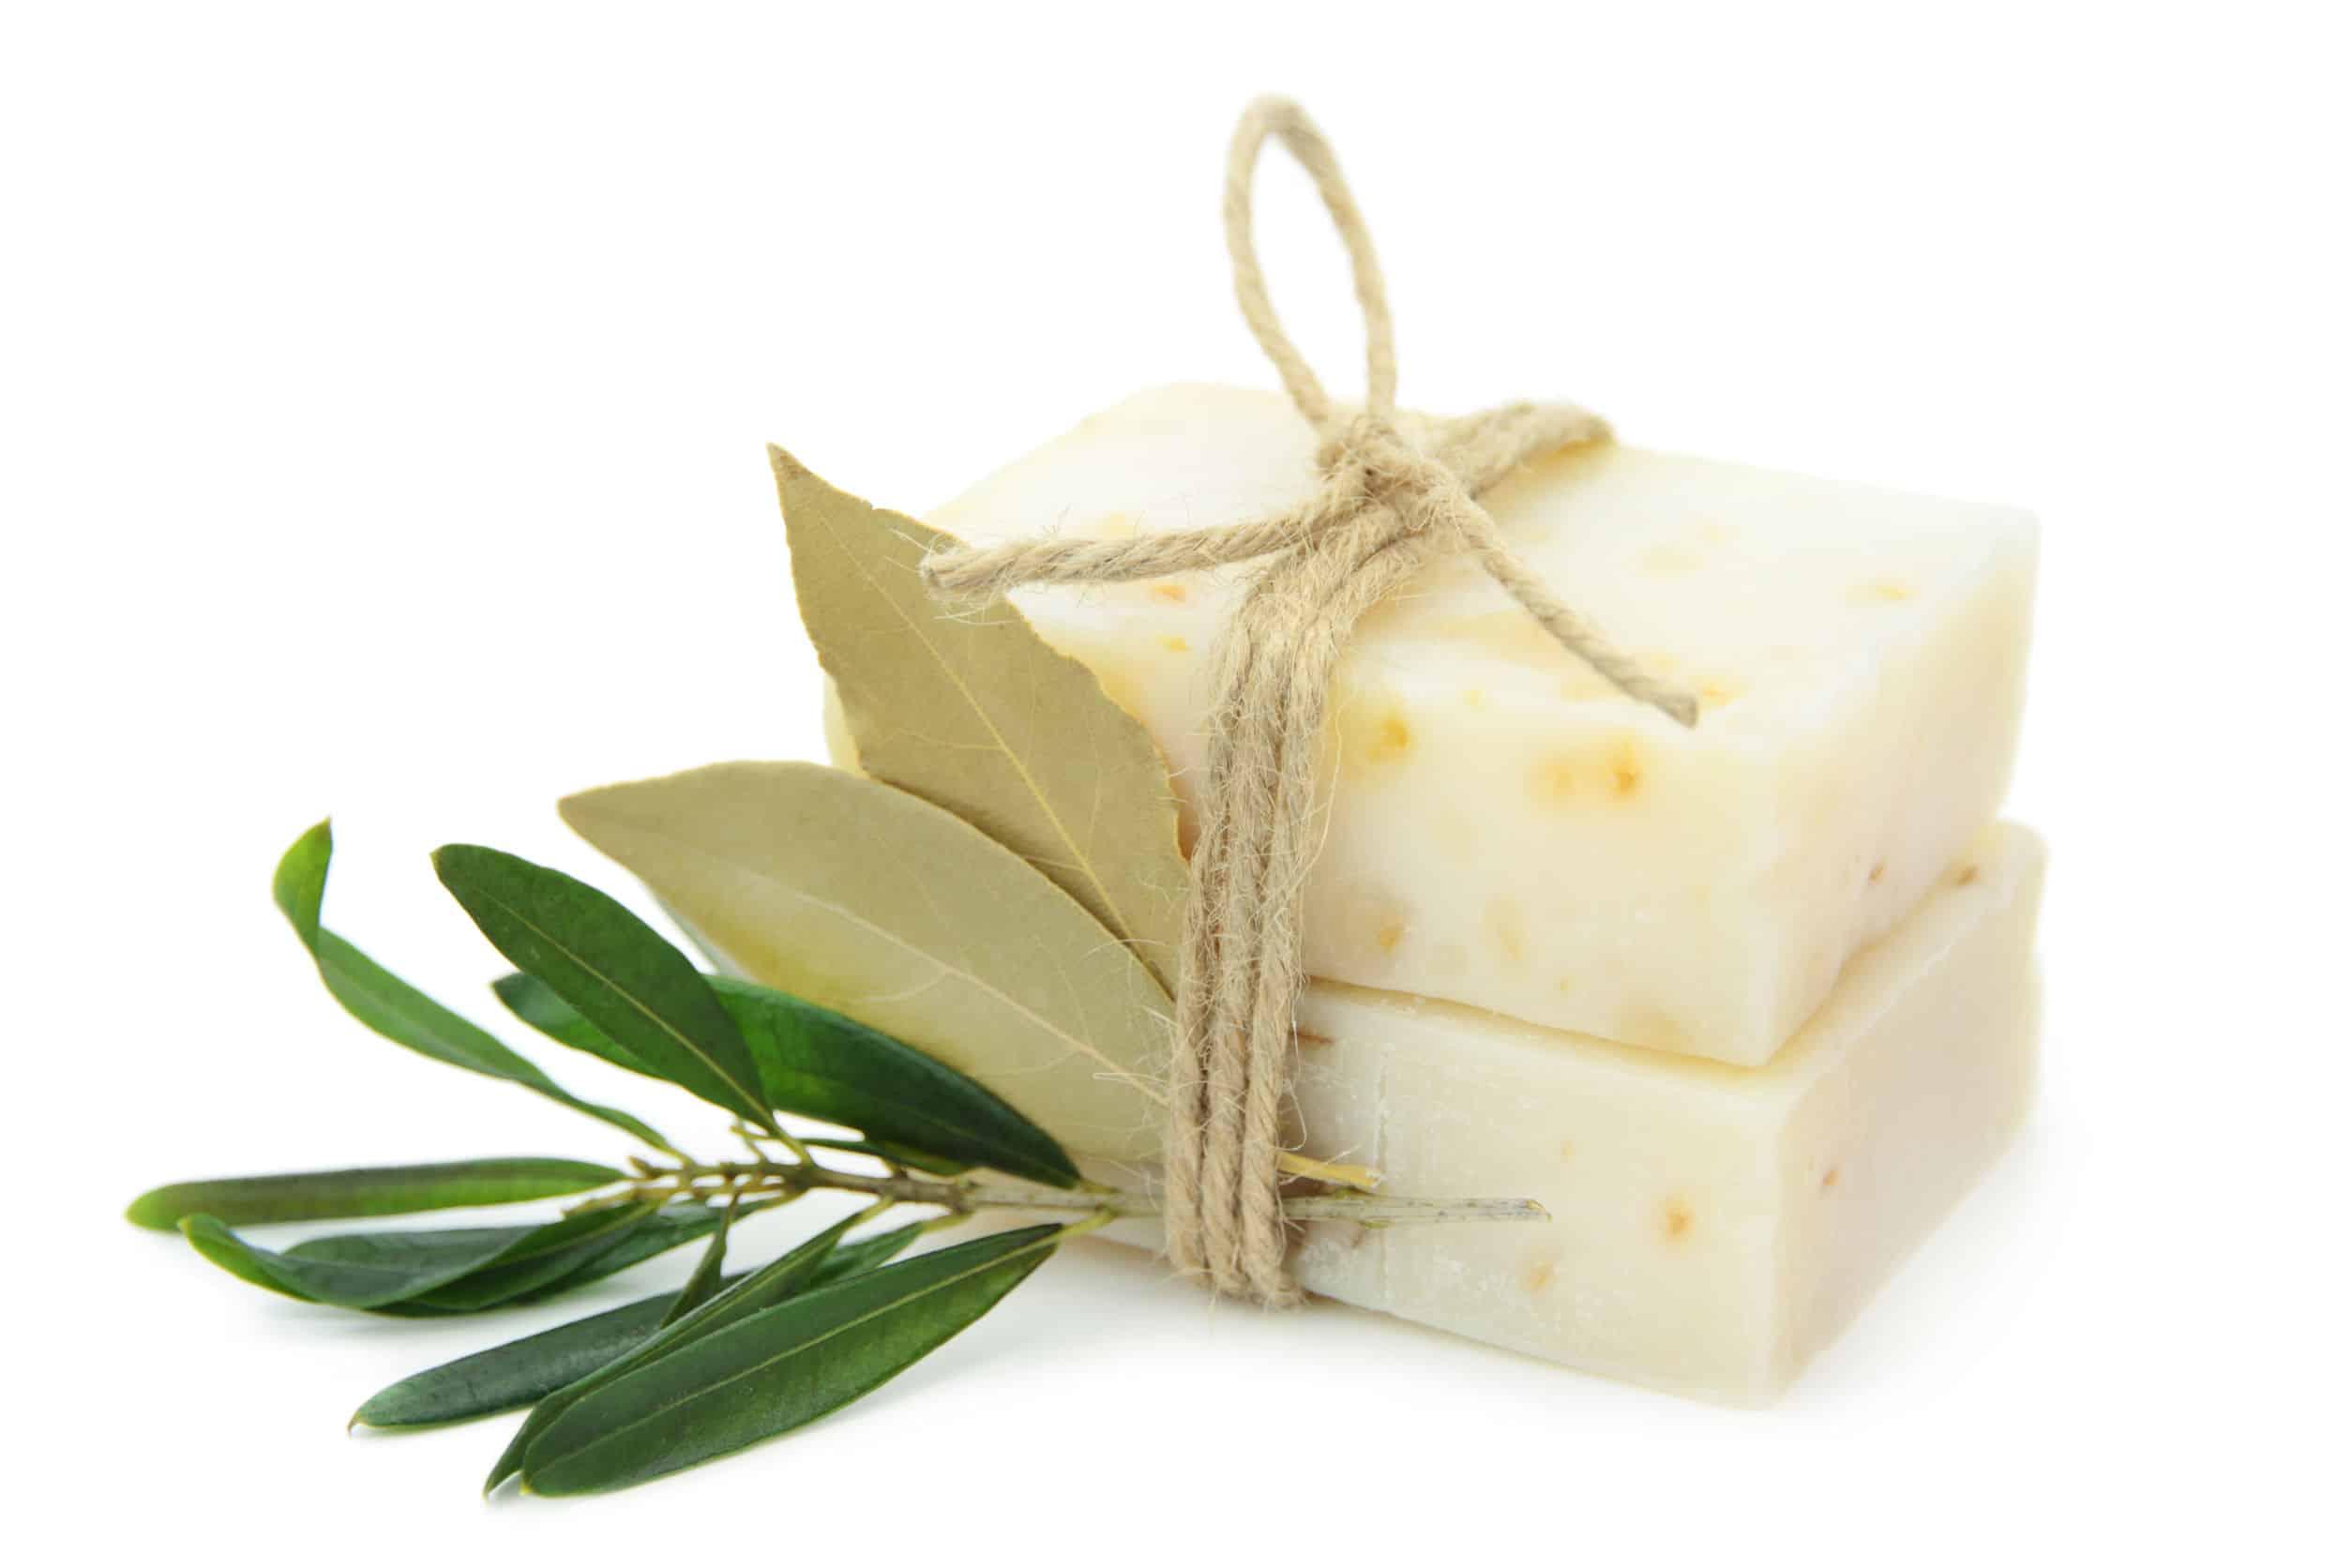 Olivenölseife: Test & Empfehlungen (08/20)